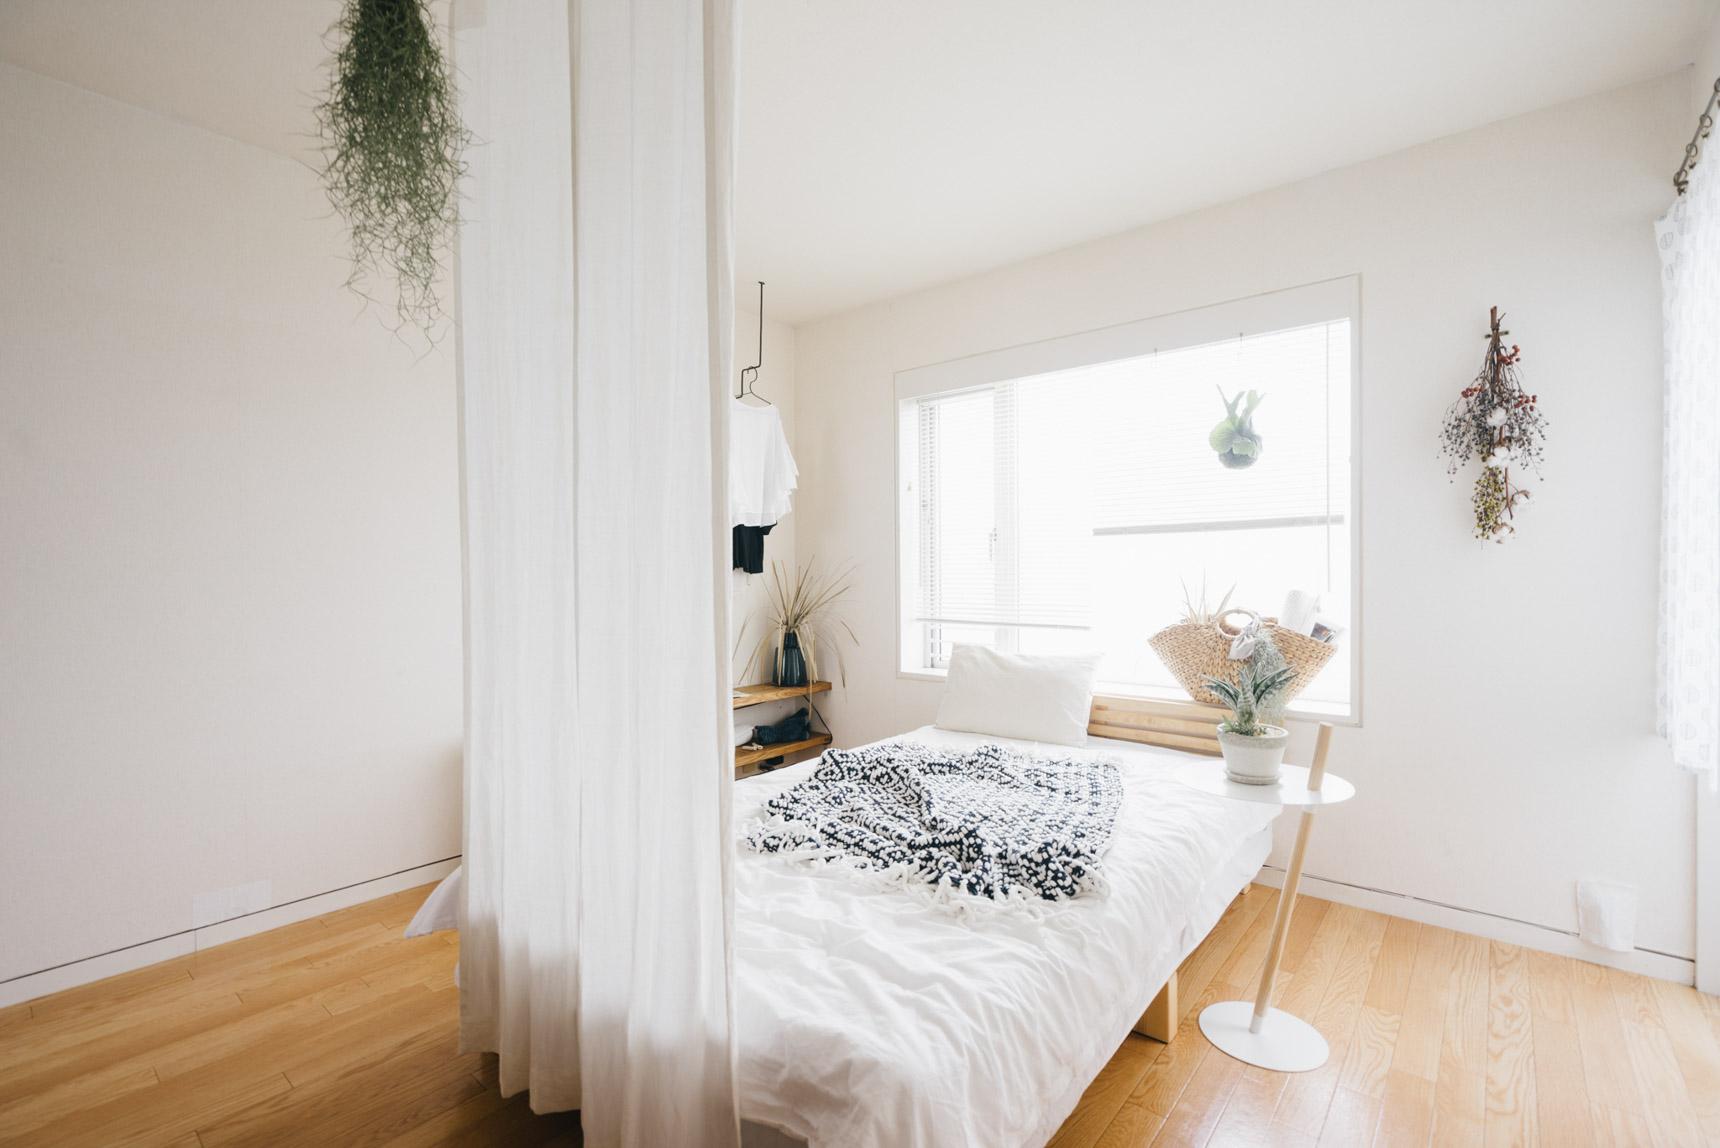 天井から布を吊るして、ゆるやかにスペースを仕切るという方法も。できることから始めてみましょう!